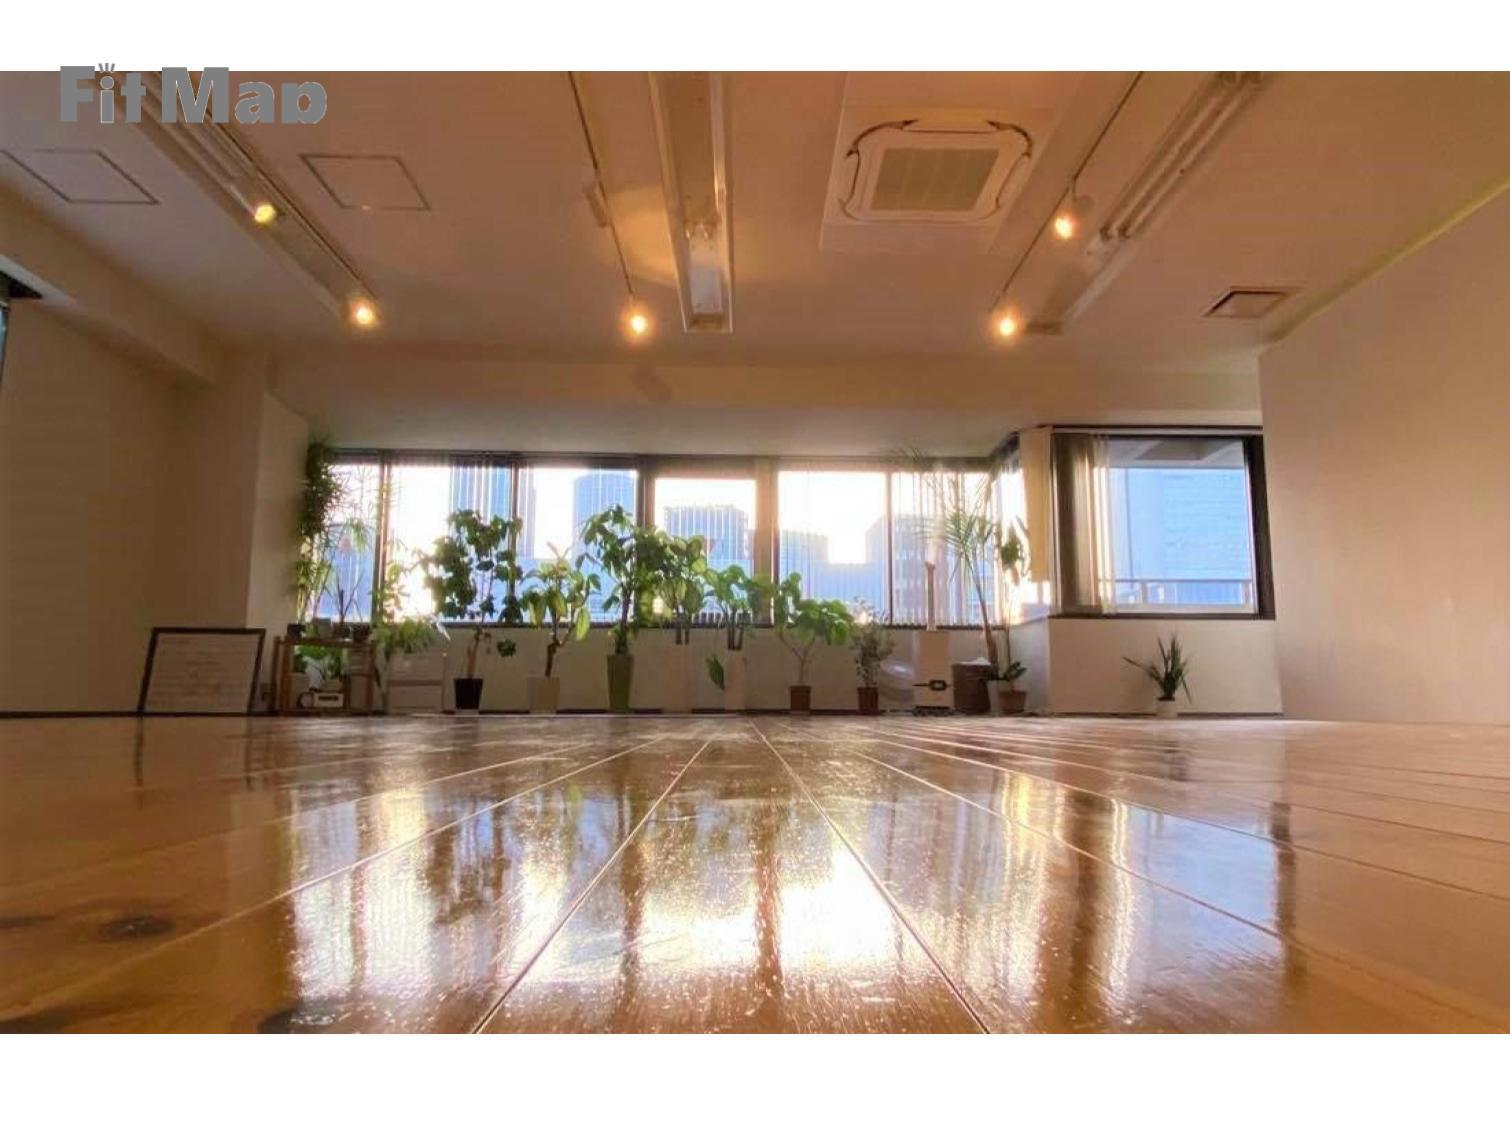 haano yoga studio(ハーノヨガスタジオ)の施設画像